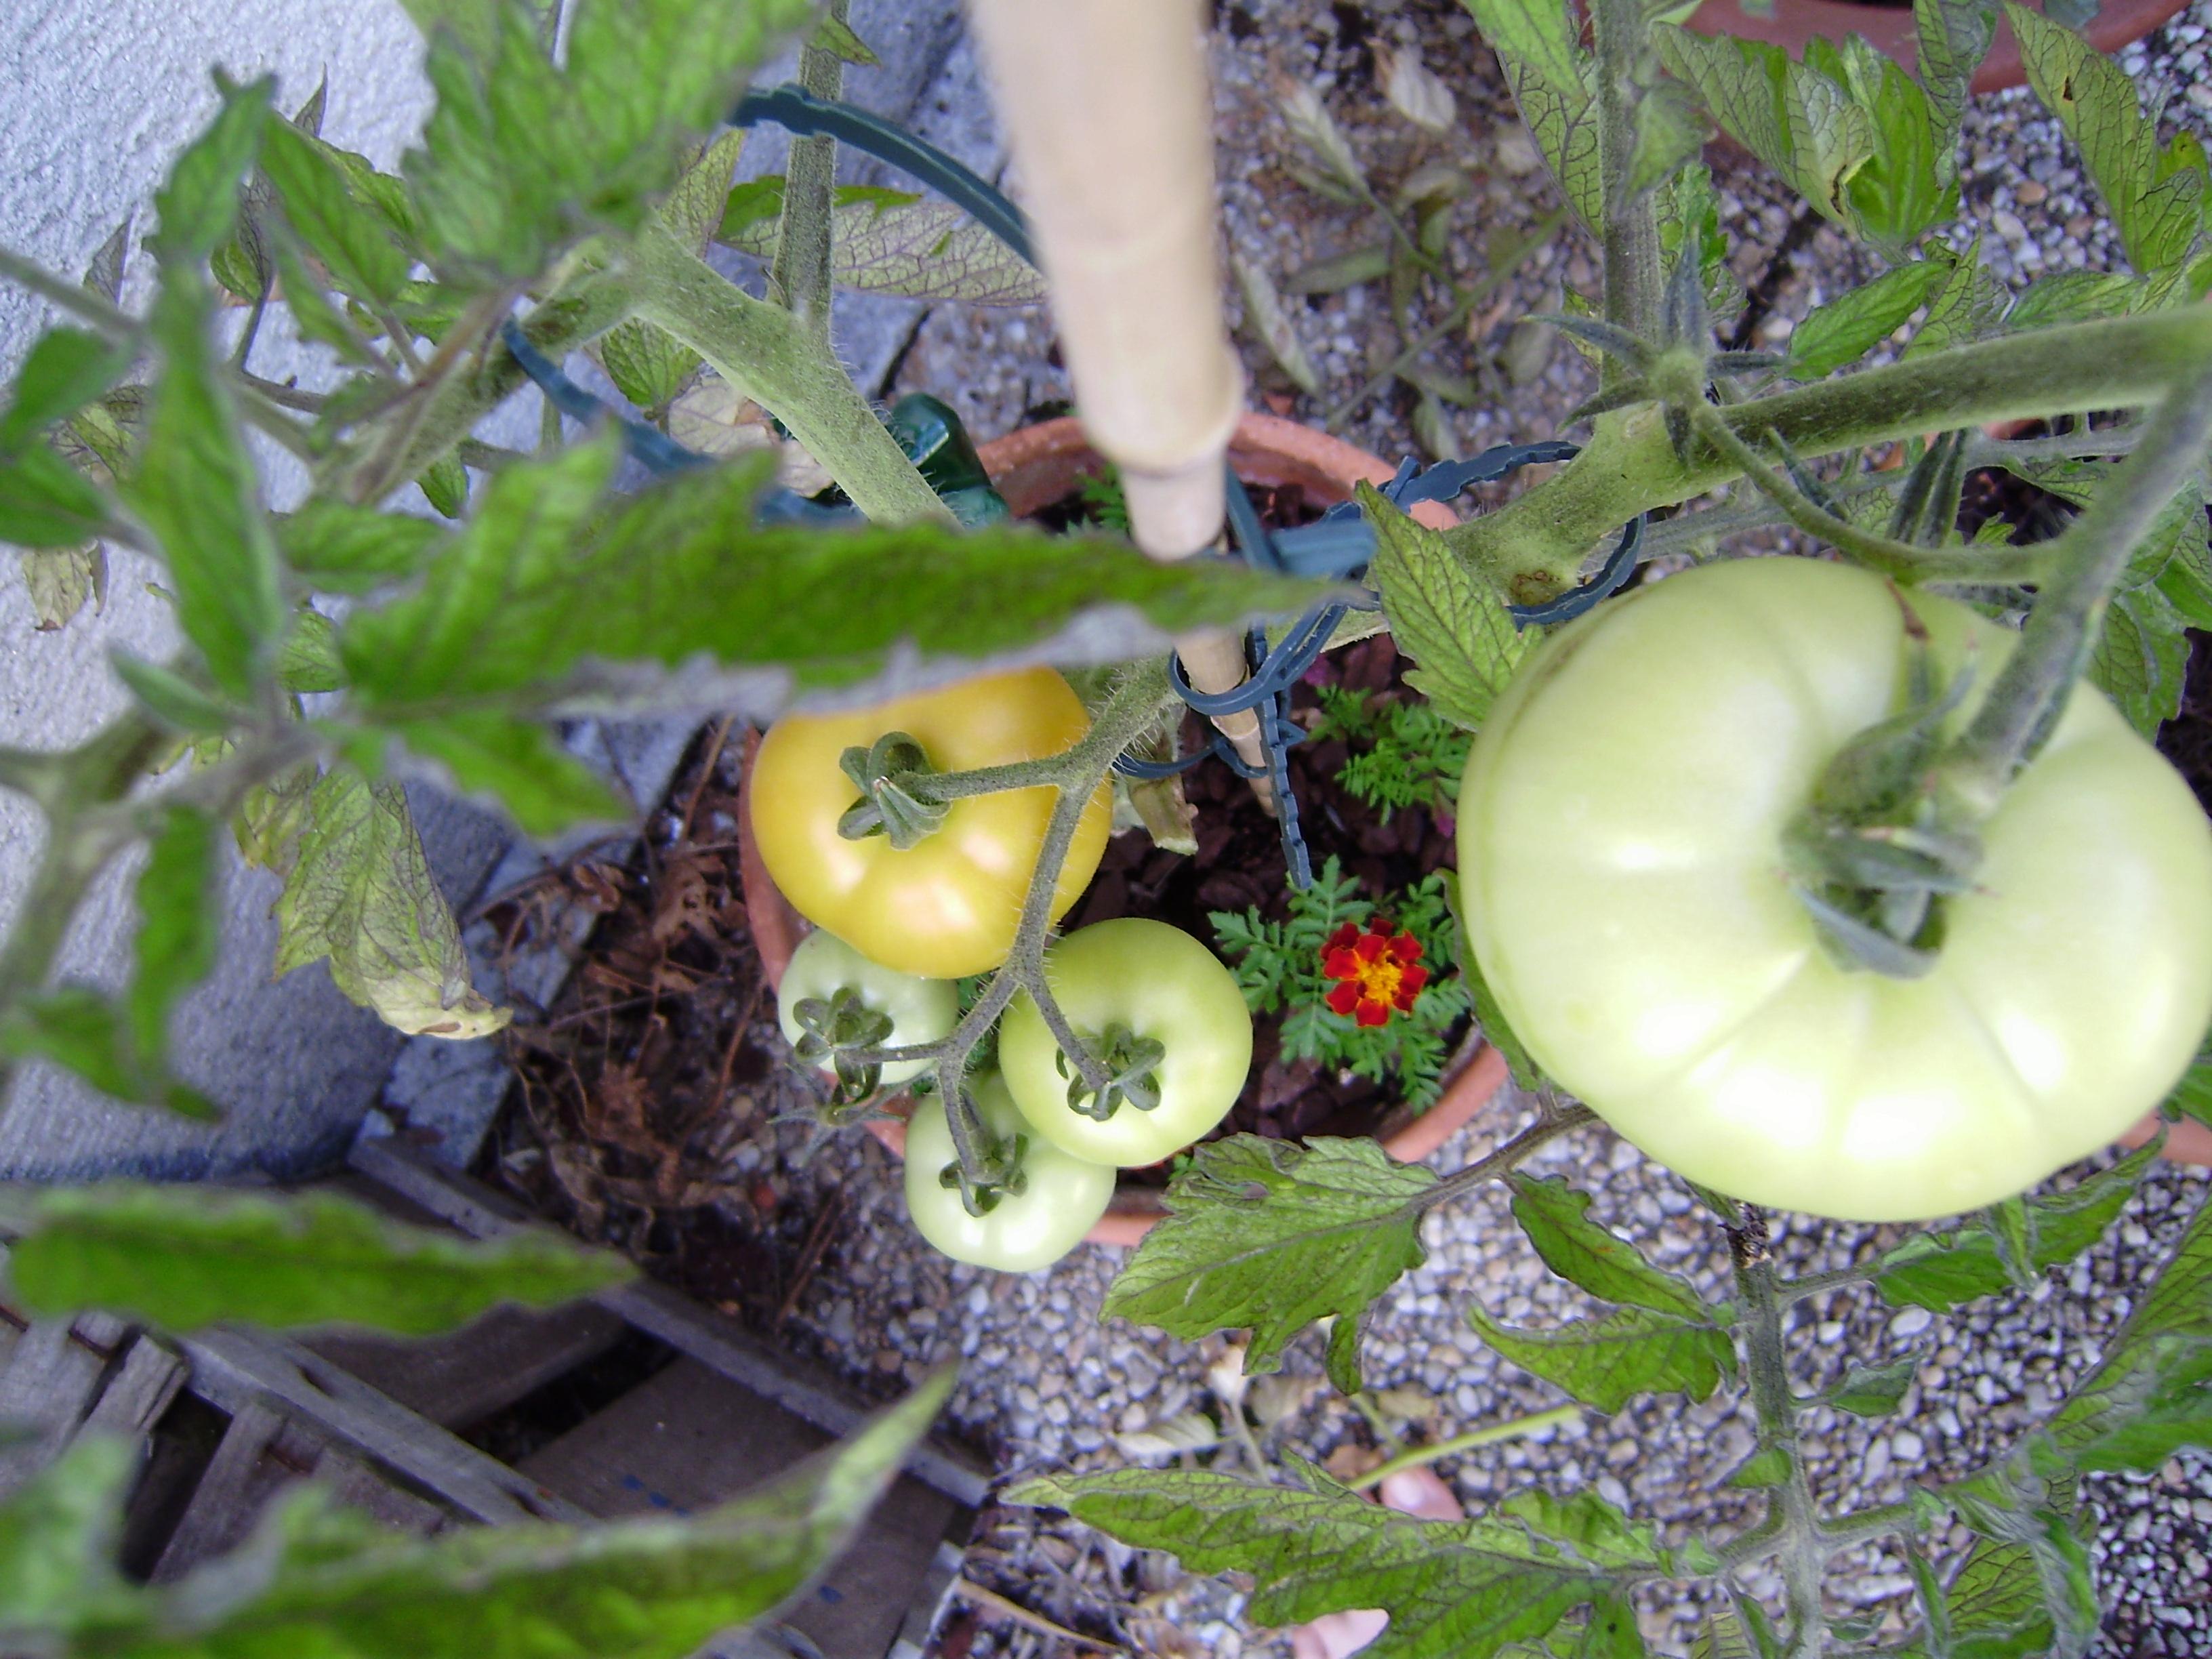 Mon potager en pots l atelier de suzanne - Frequence arrosage tomate ...